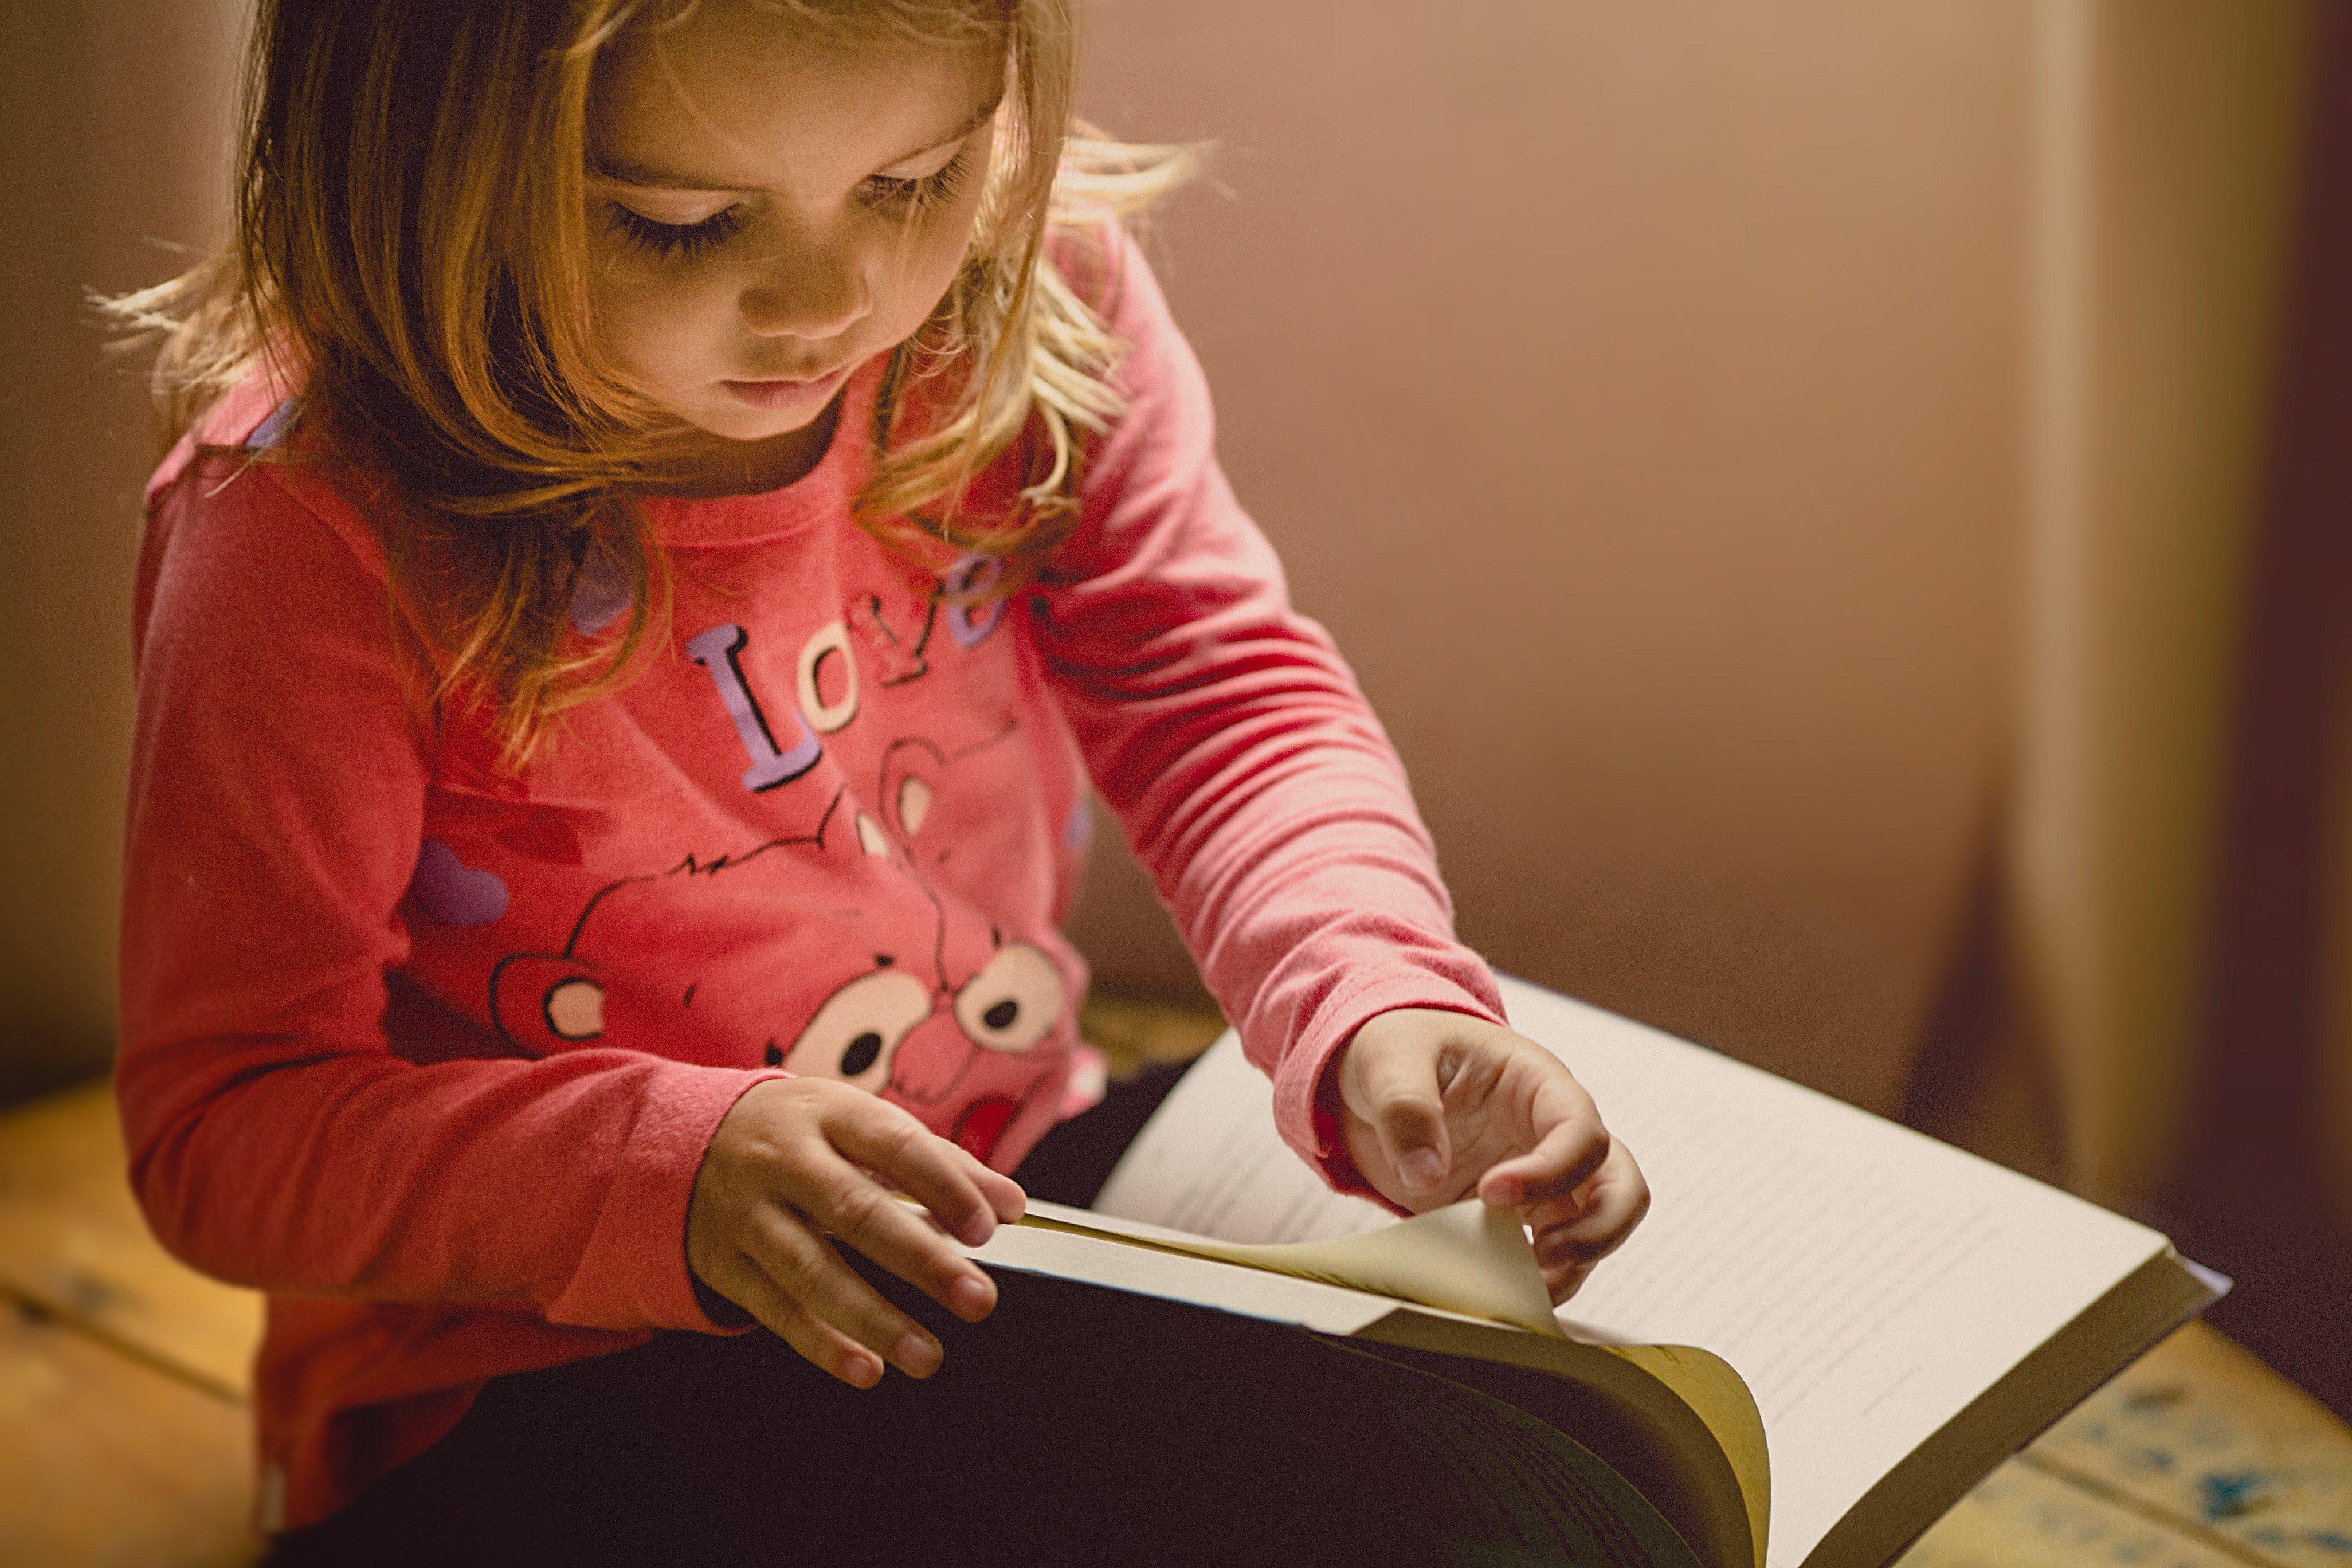 ما هو منهج المونتيسوري ؟ وكيف يمكن لهذه الطريقة مساعدة الأطفال في تعلم المزيد